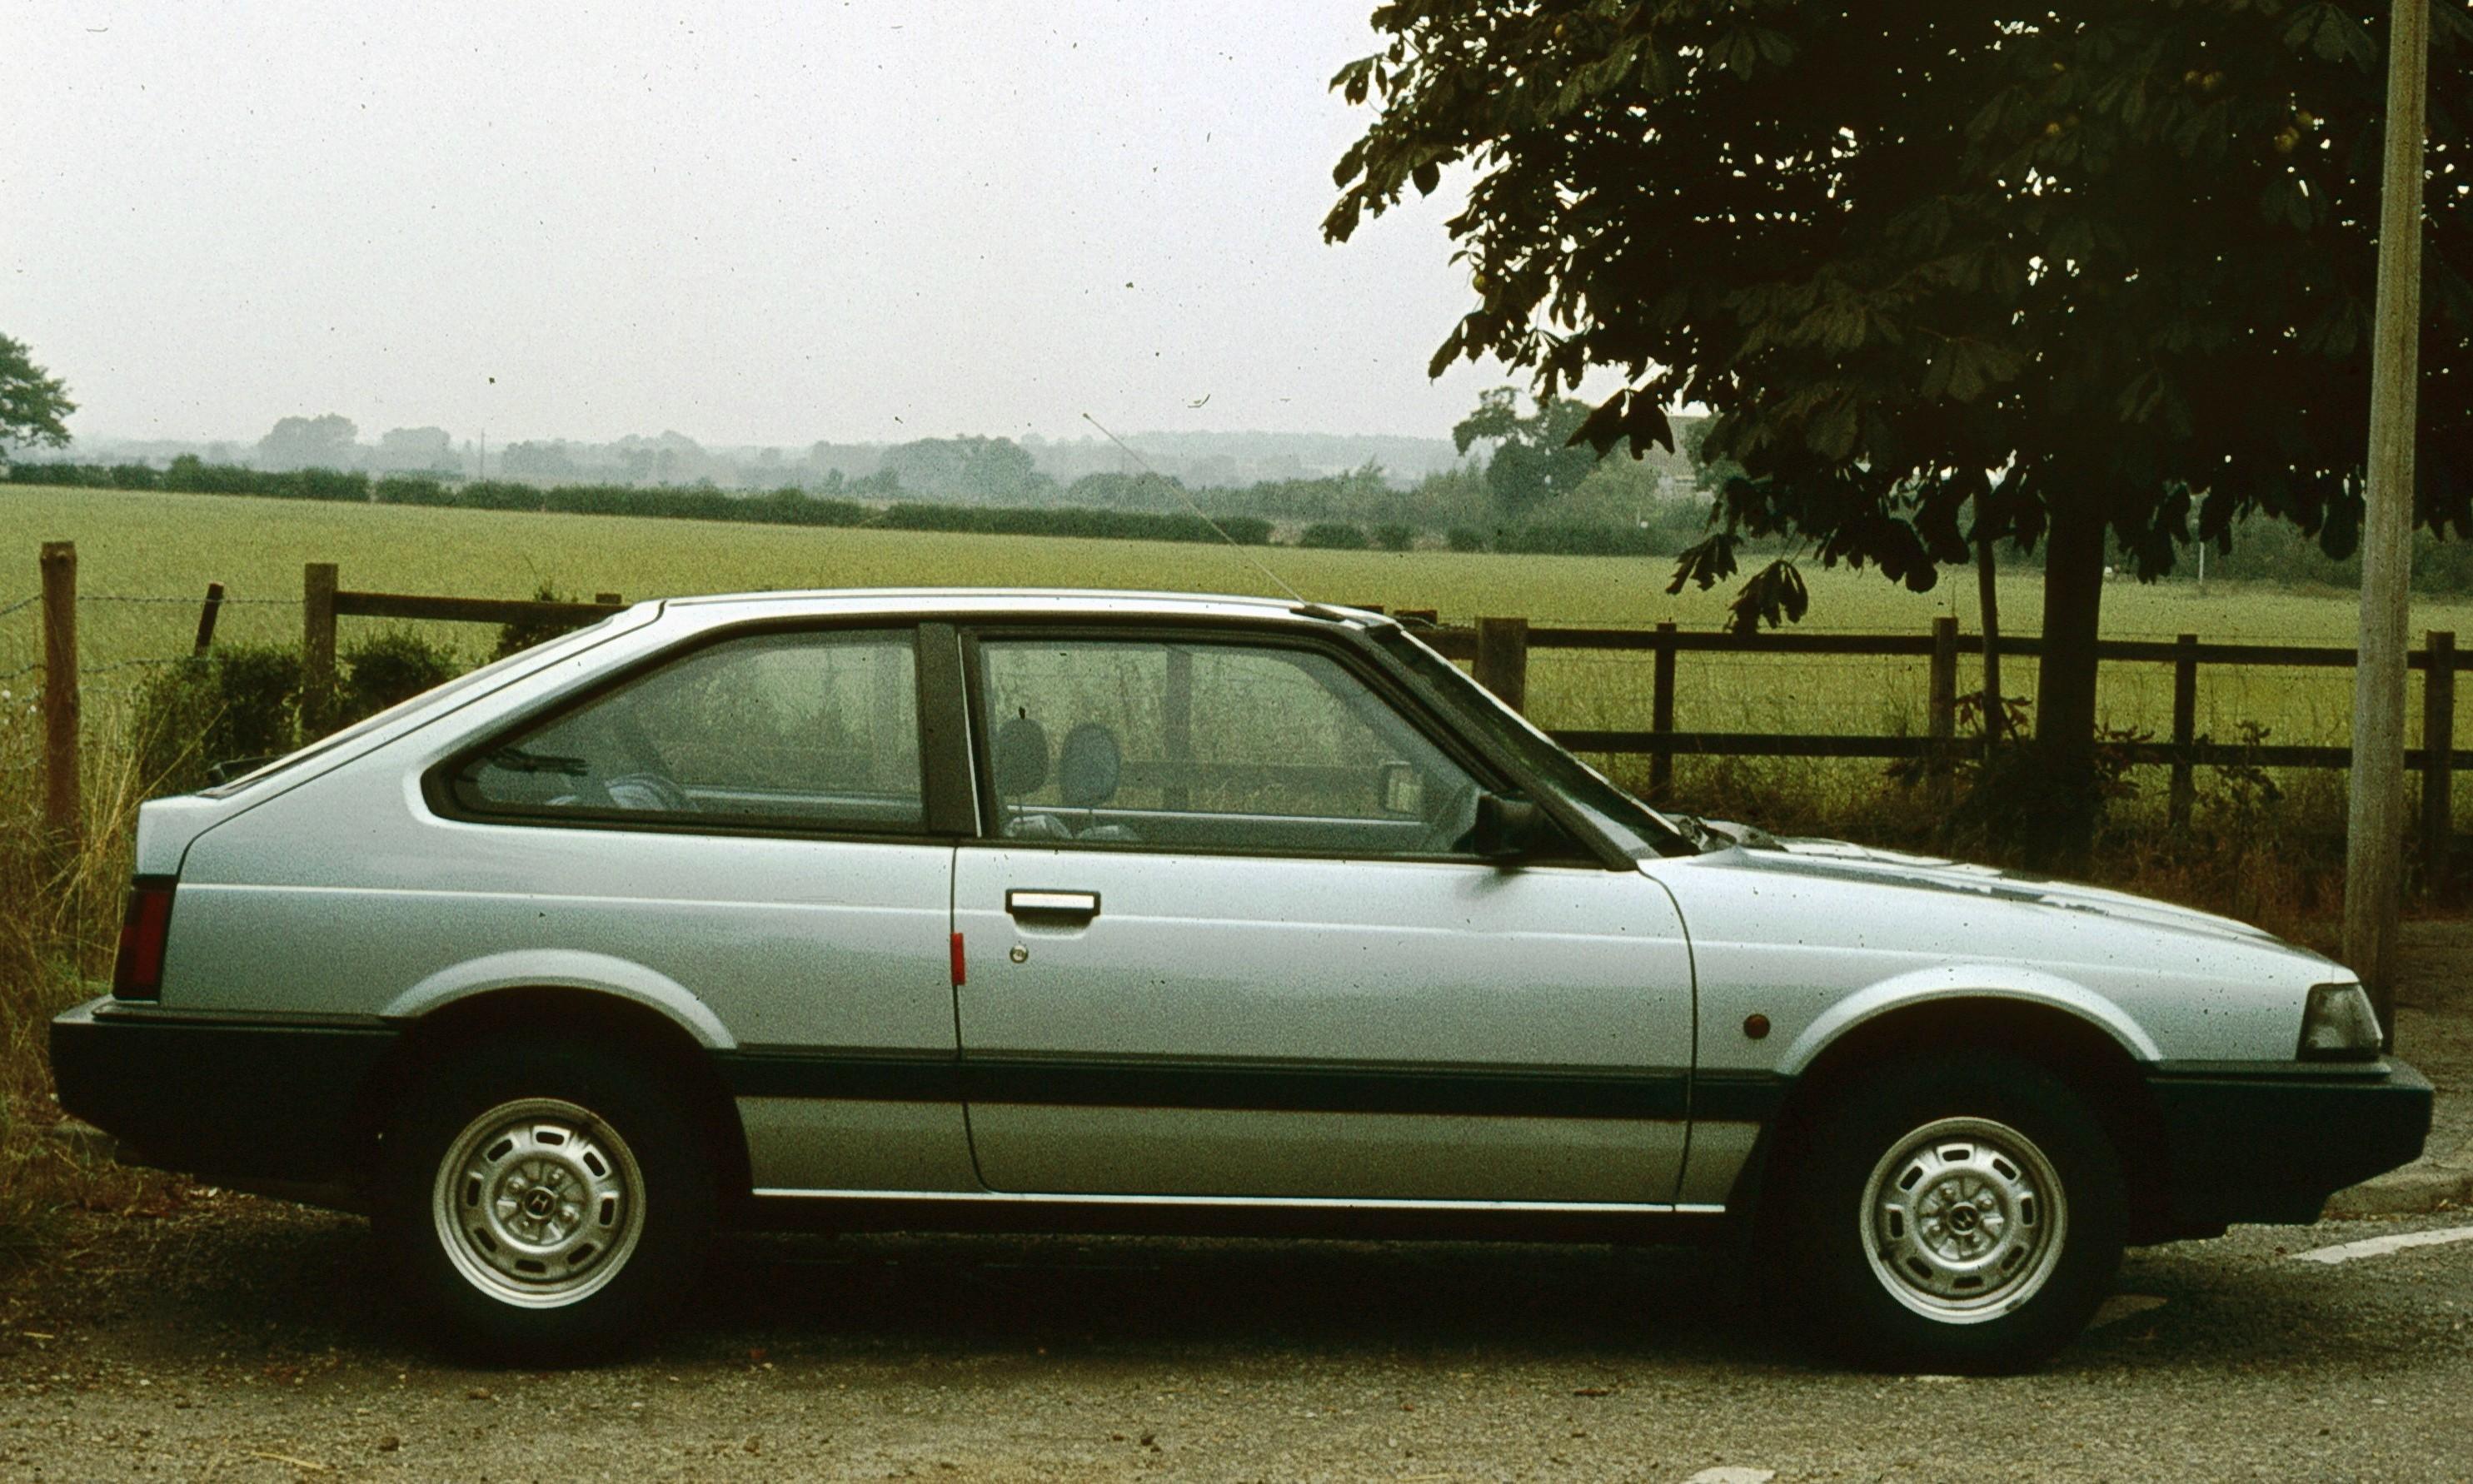 File:Honda Accord 3dr UK.JPG